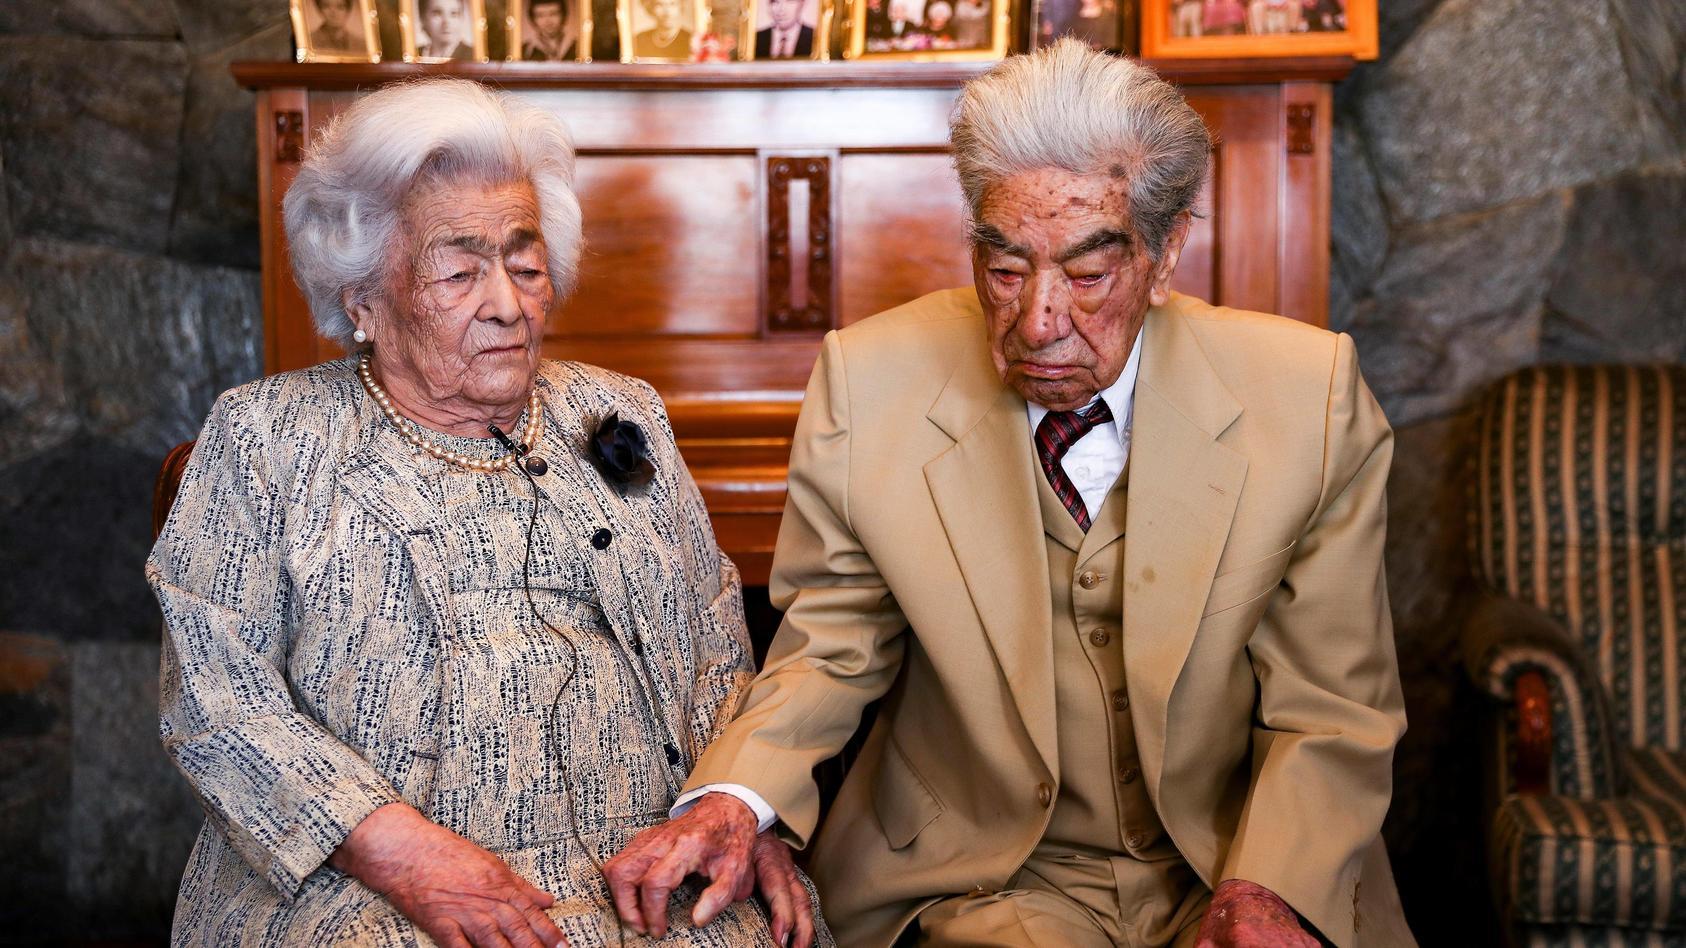 Erst im August 2020 wurden sie zum ältesten Ehepaar der Welt gekürt.